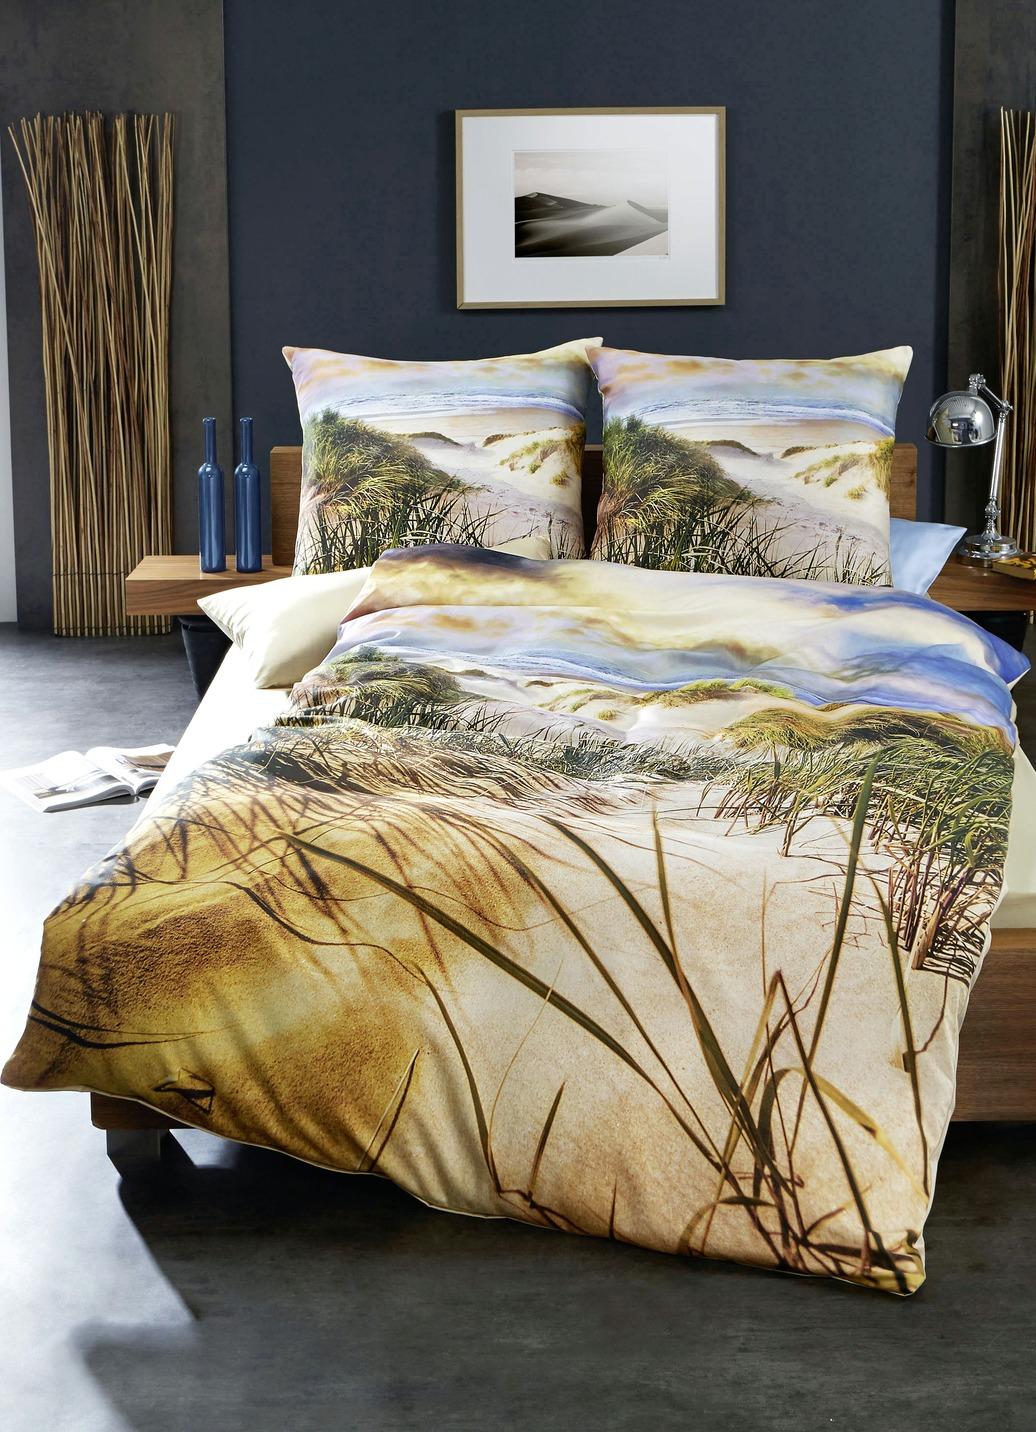 Bettwäsche mit kostenlosem Versand: große Auswahl bei BADER